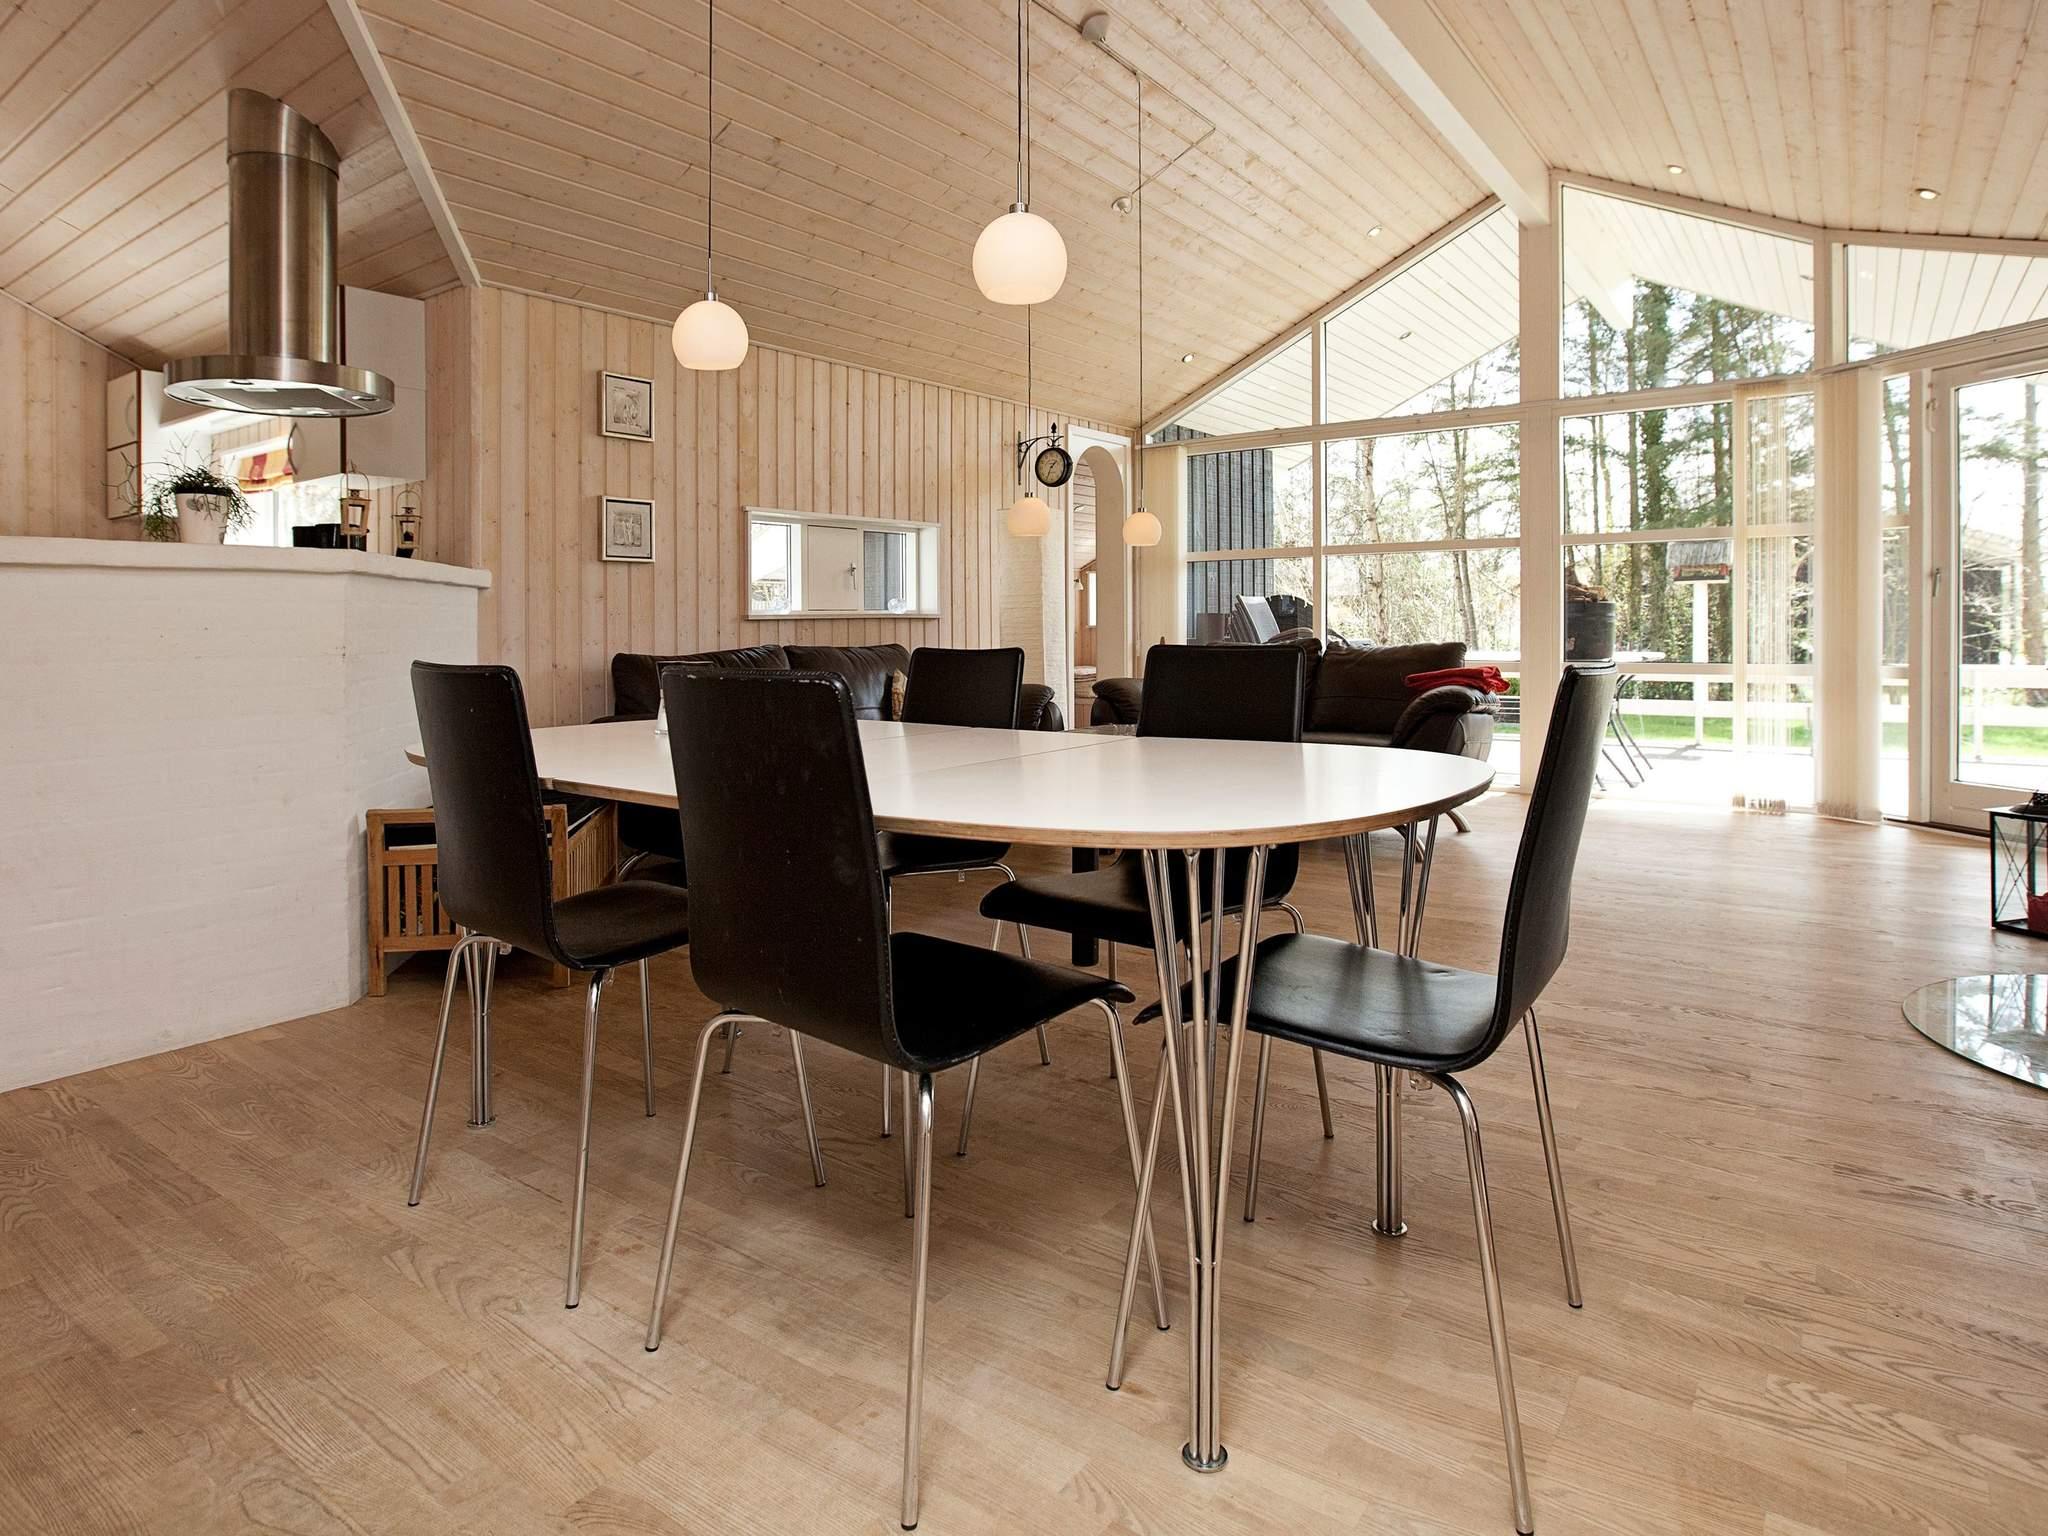 Ferienhaus Bjerge Strand (208413), Gørlev, , Westseeland, Dänemark, Bild 5